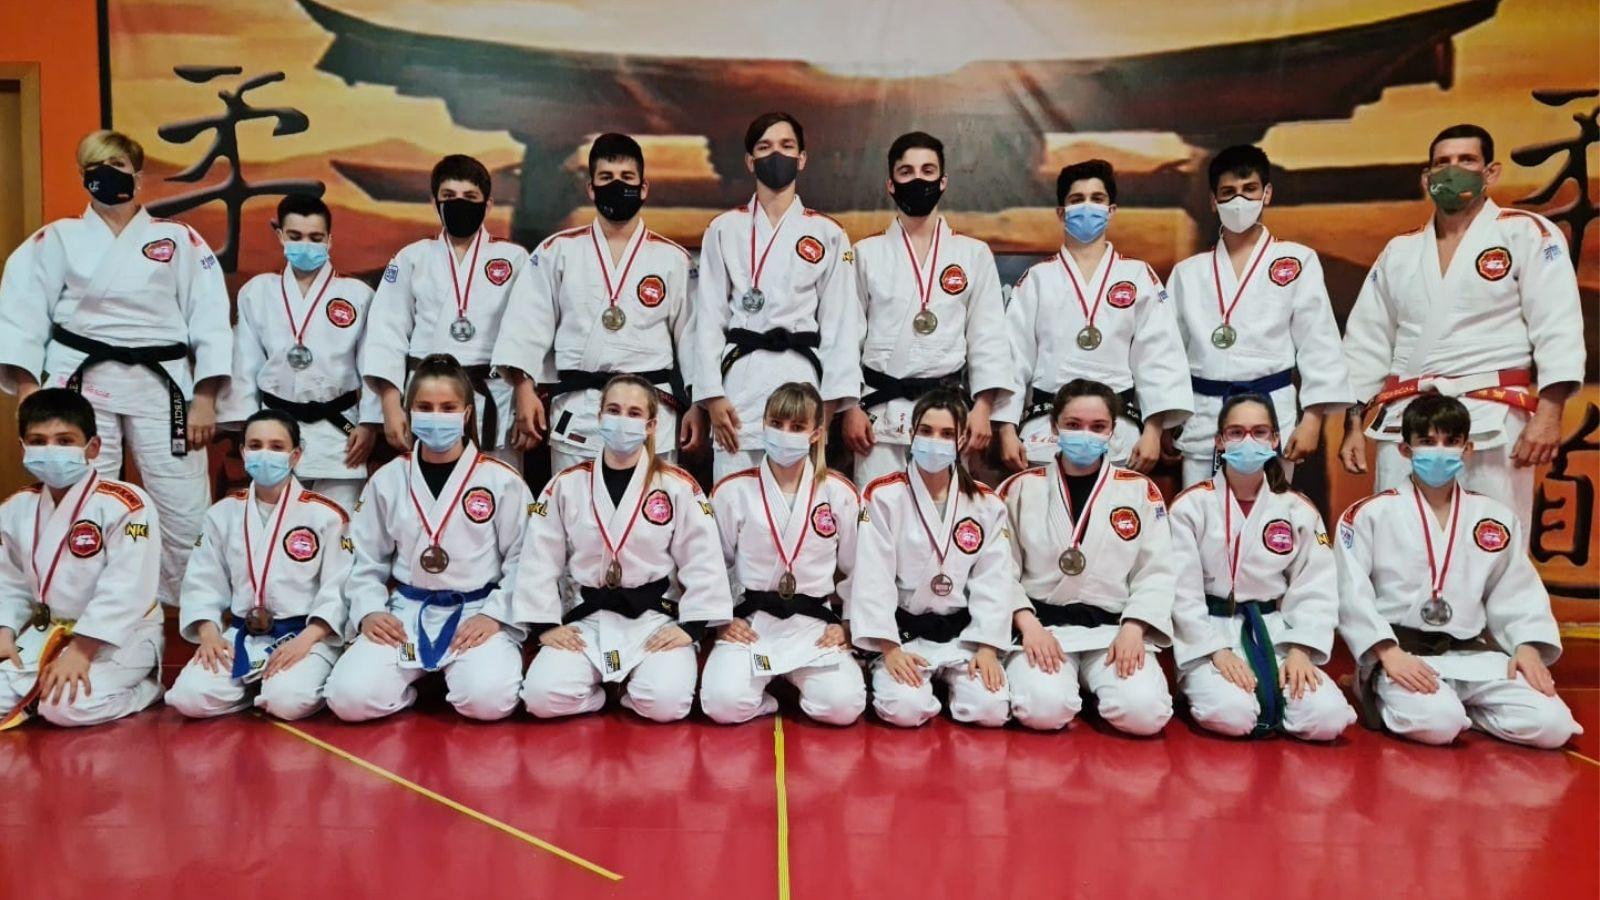 El club de Judo sigue sumando éxitos